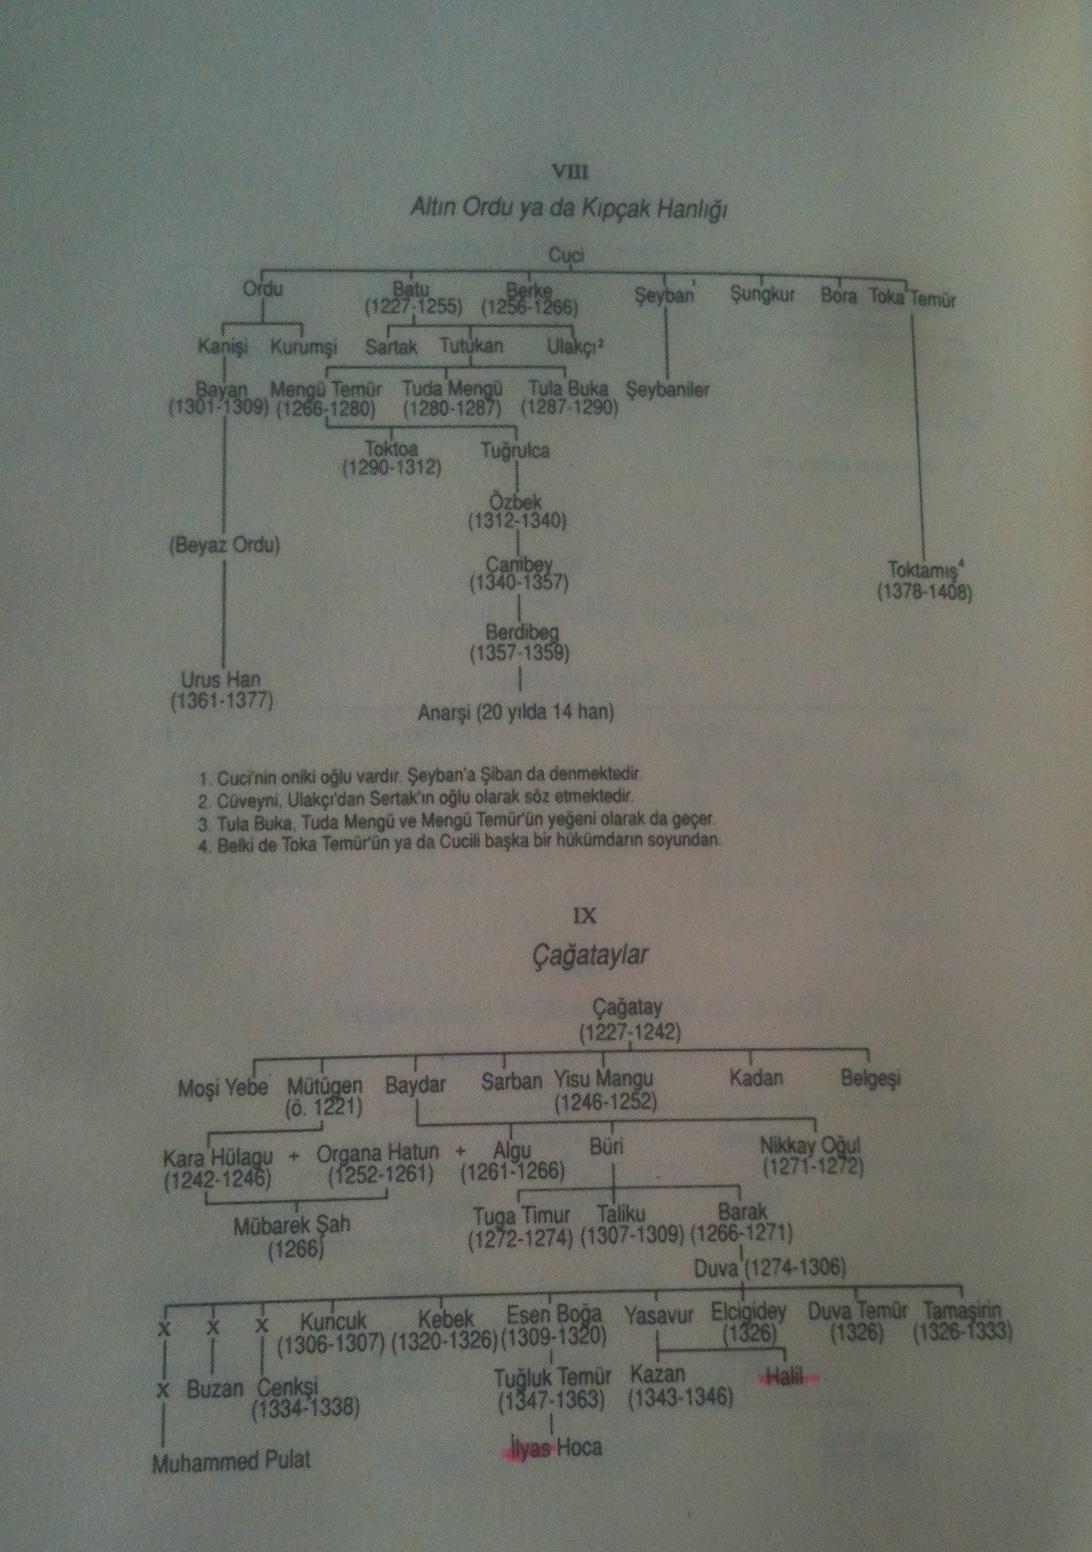 Turk Modol Kabile Yathantysy 1 Seite 2 Sivas Sivaslilar Net